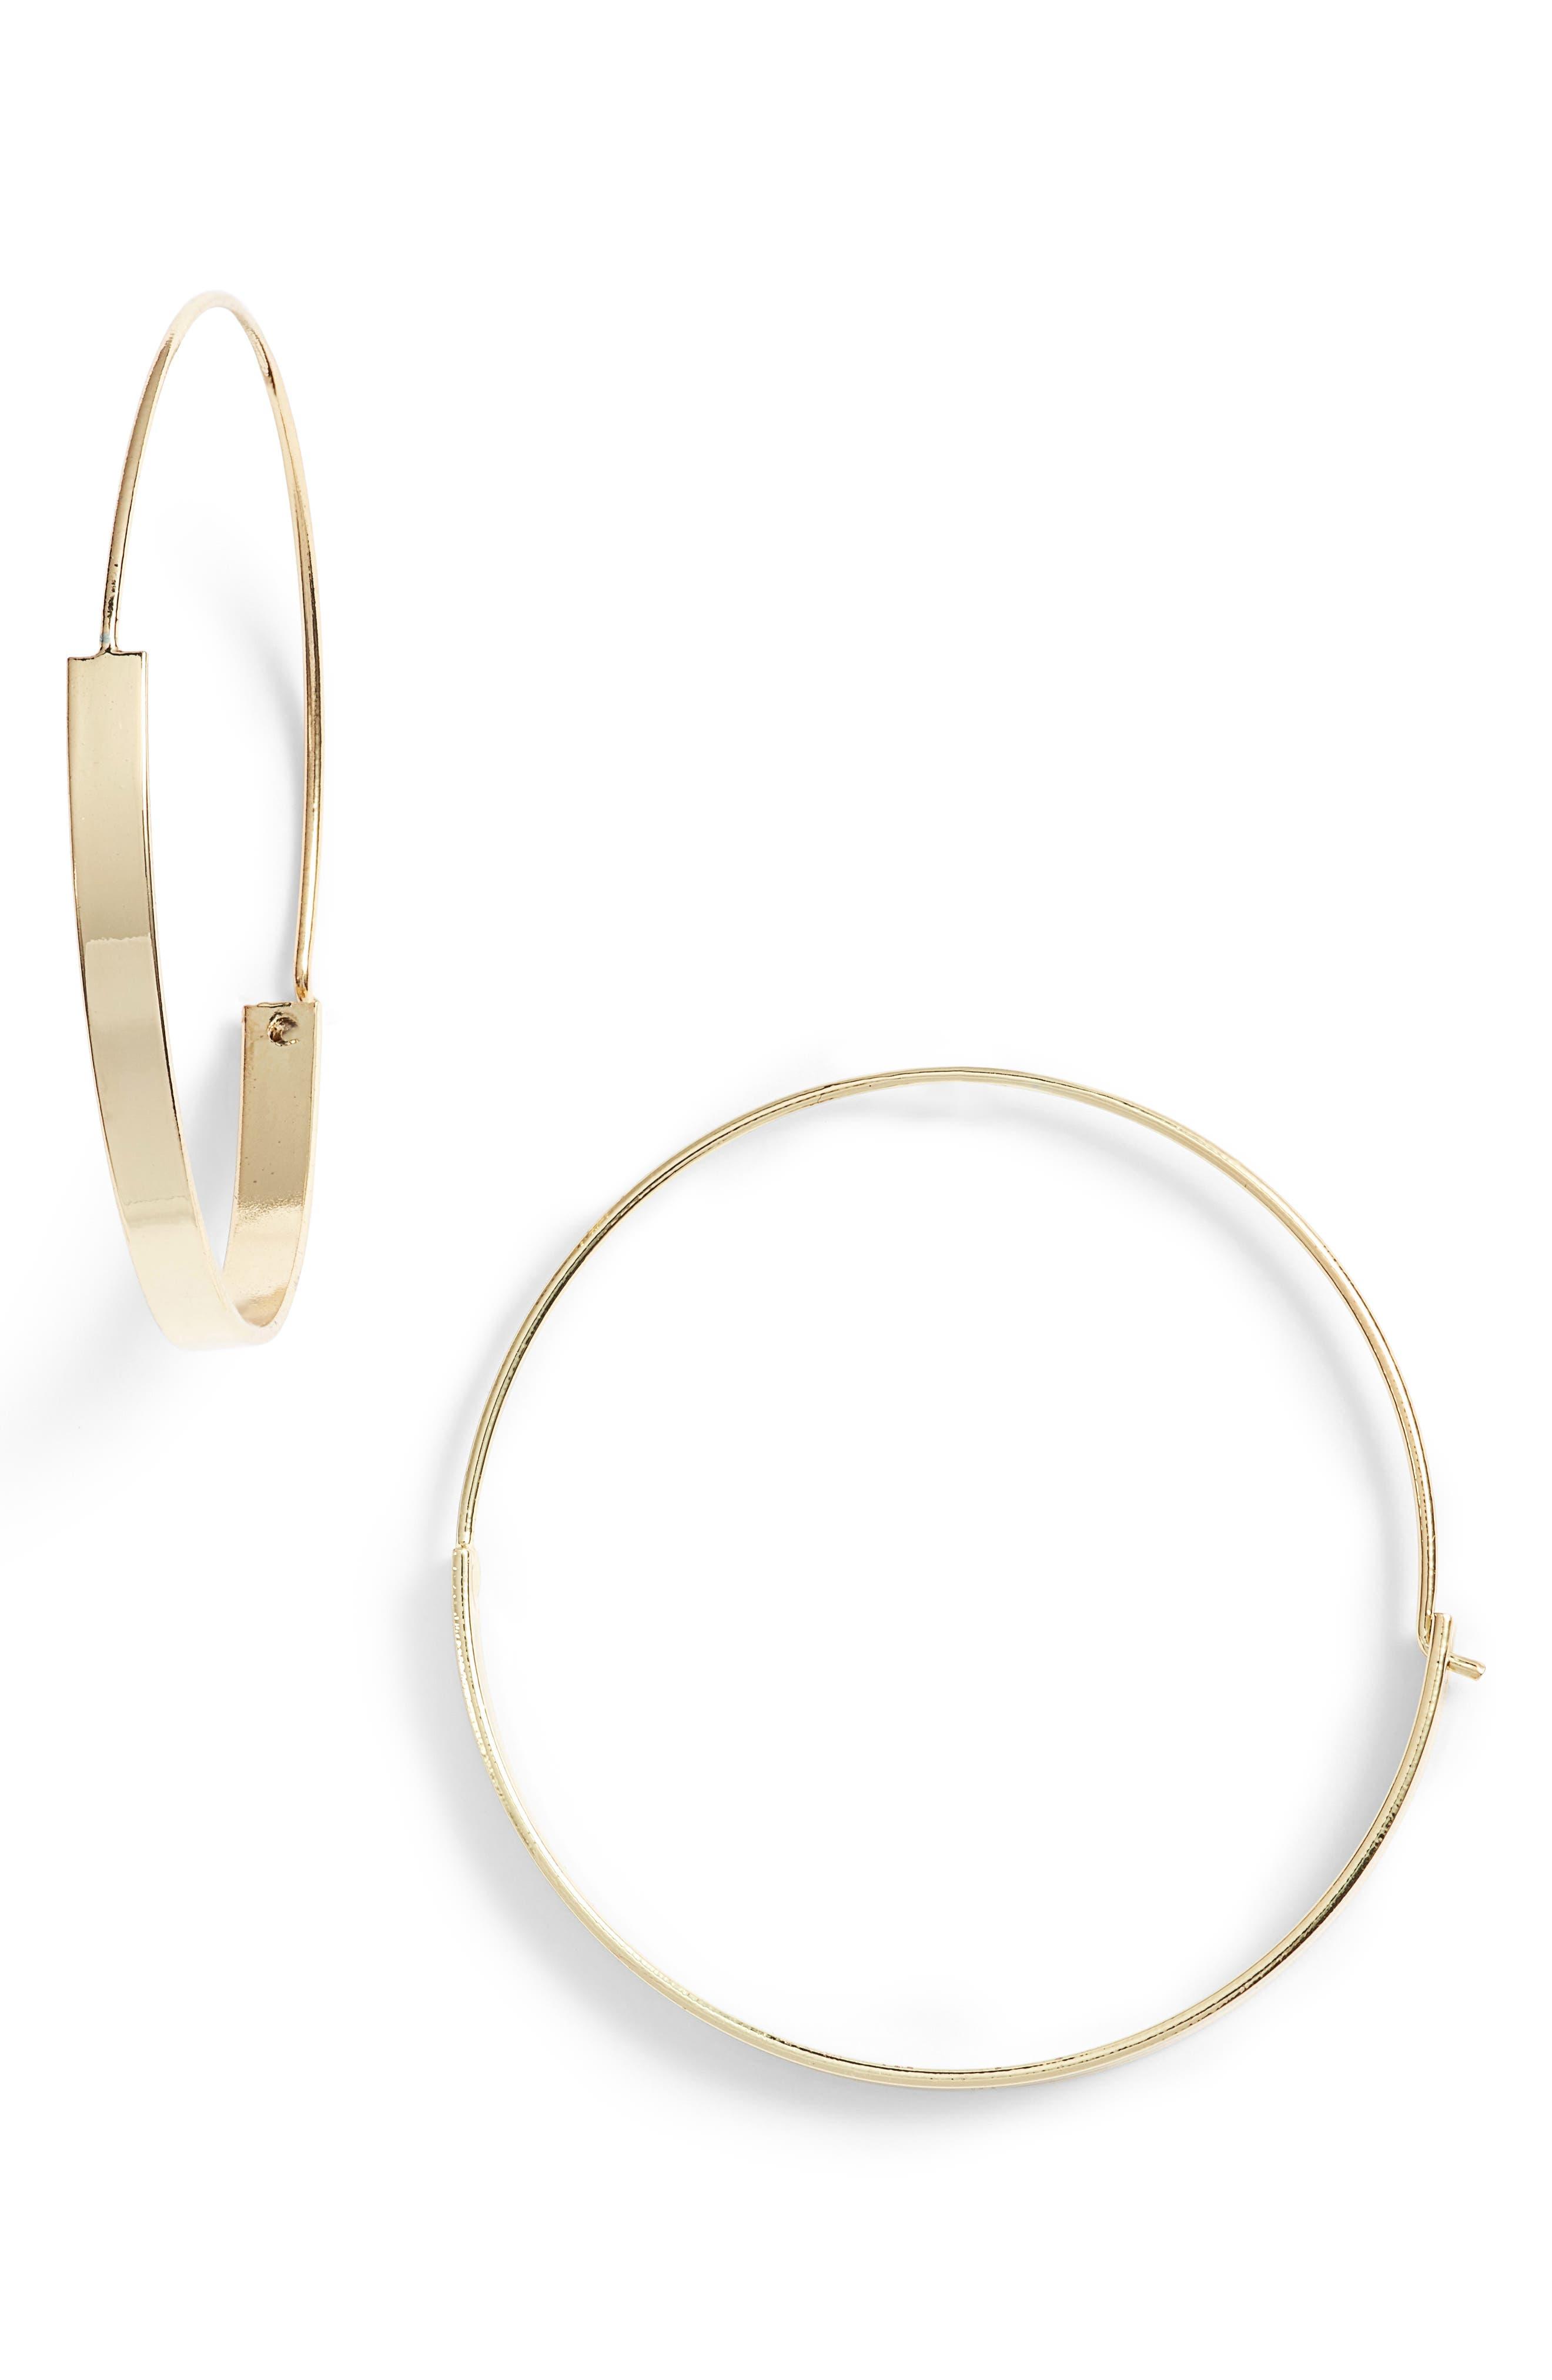 Alternate Image 1 Selected - Jules Smith Kinley Hoop Earrings